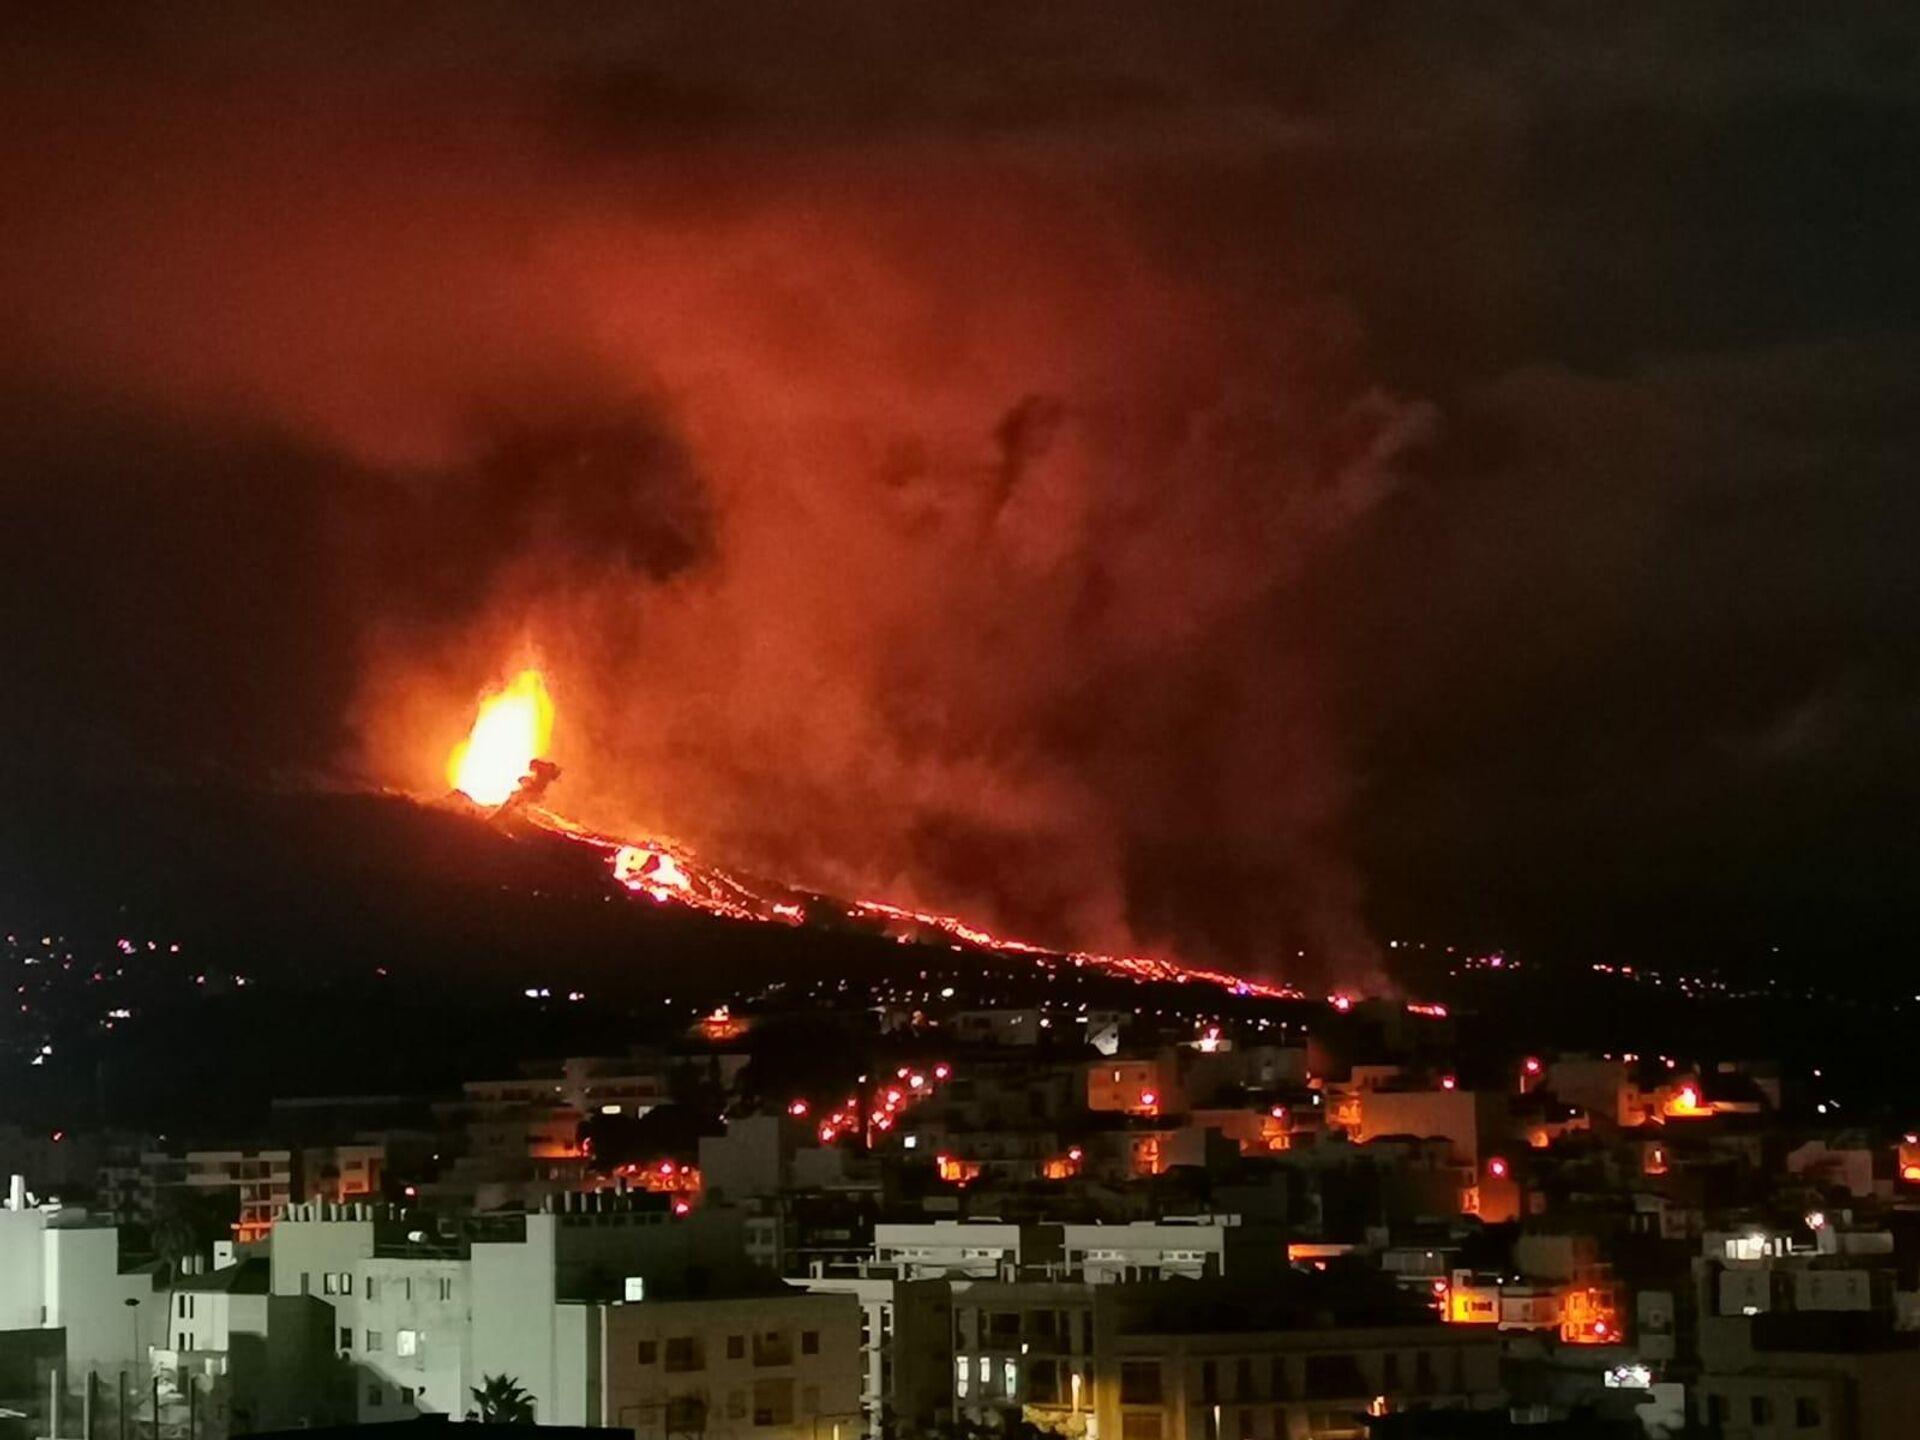 La erupción del volcán Cumbre Vieja (La Palma) tomada por un vecino - Sputnik Mundo, 1920, 20.09.2021